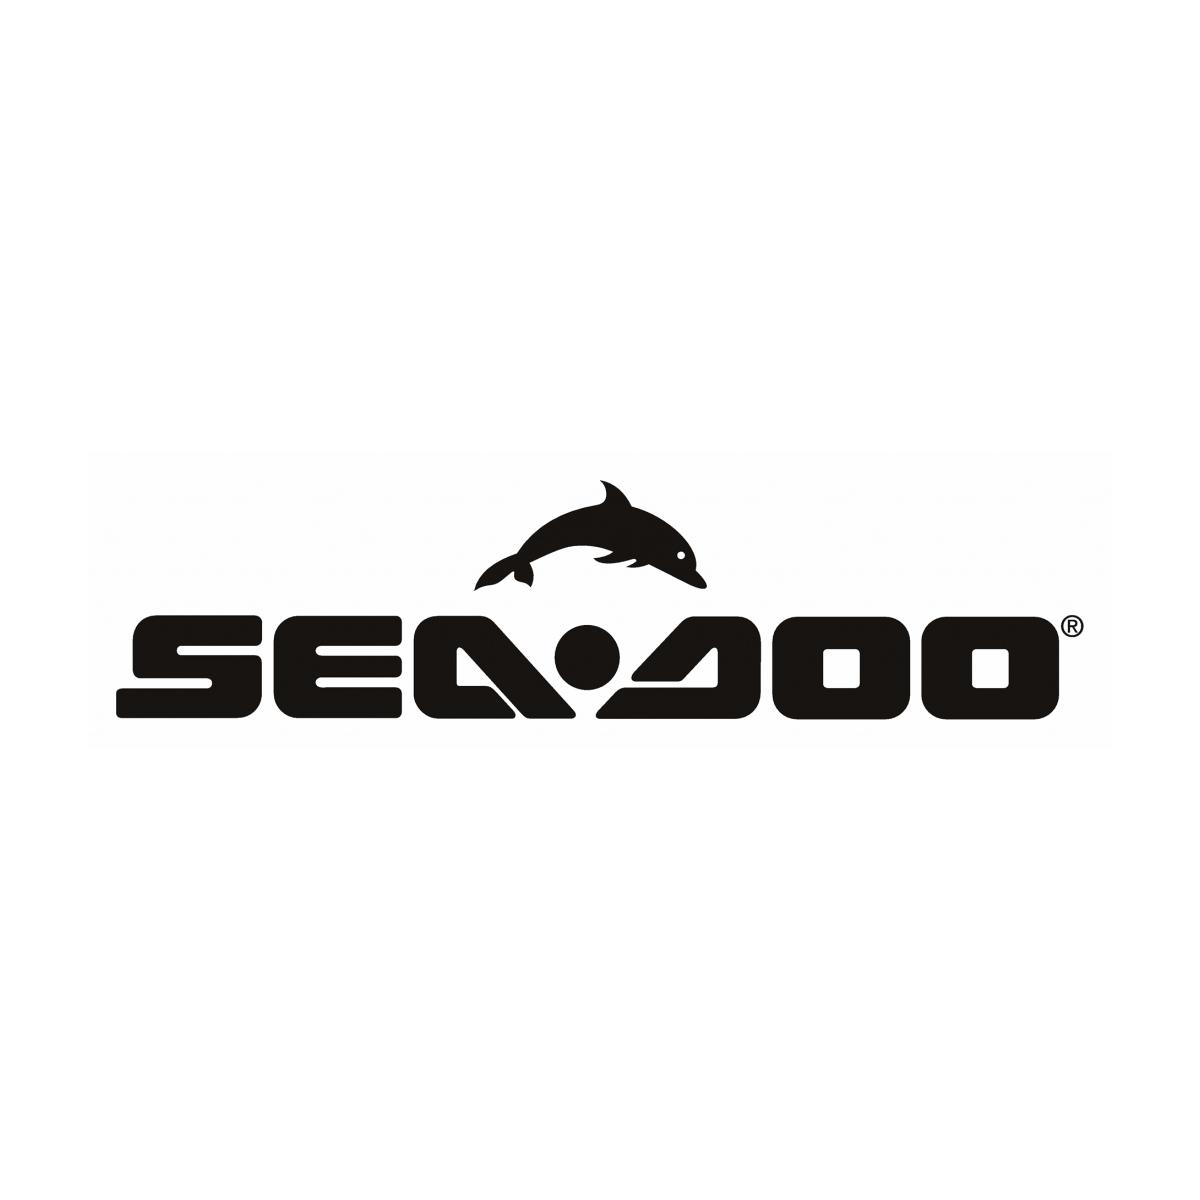 Captador Sea Doo Gti 96/Spx 96/99 / Xp 96 Original 271000466 (USADO)*  - Radical Peças - Peças para Jet Ski